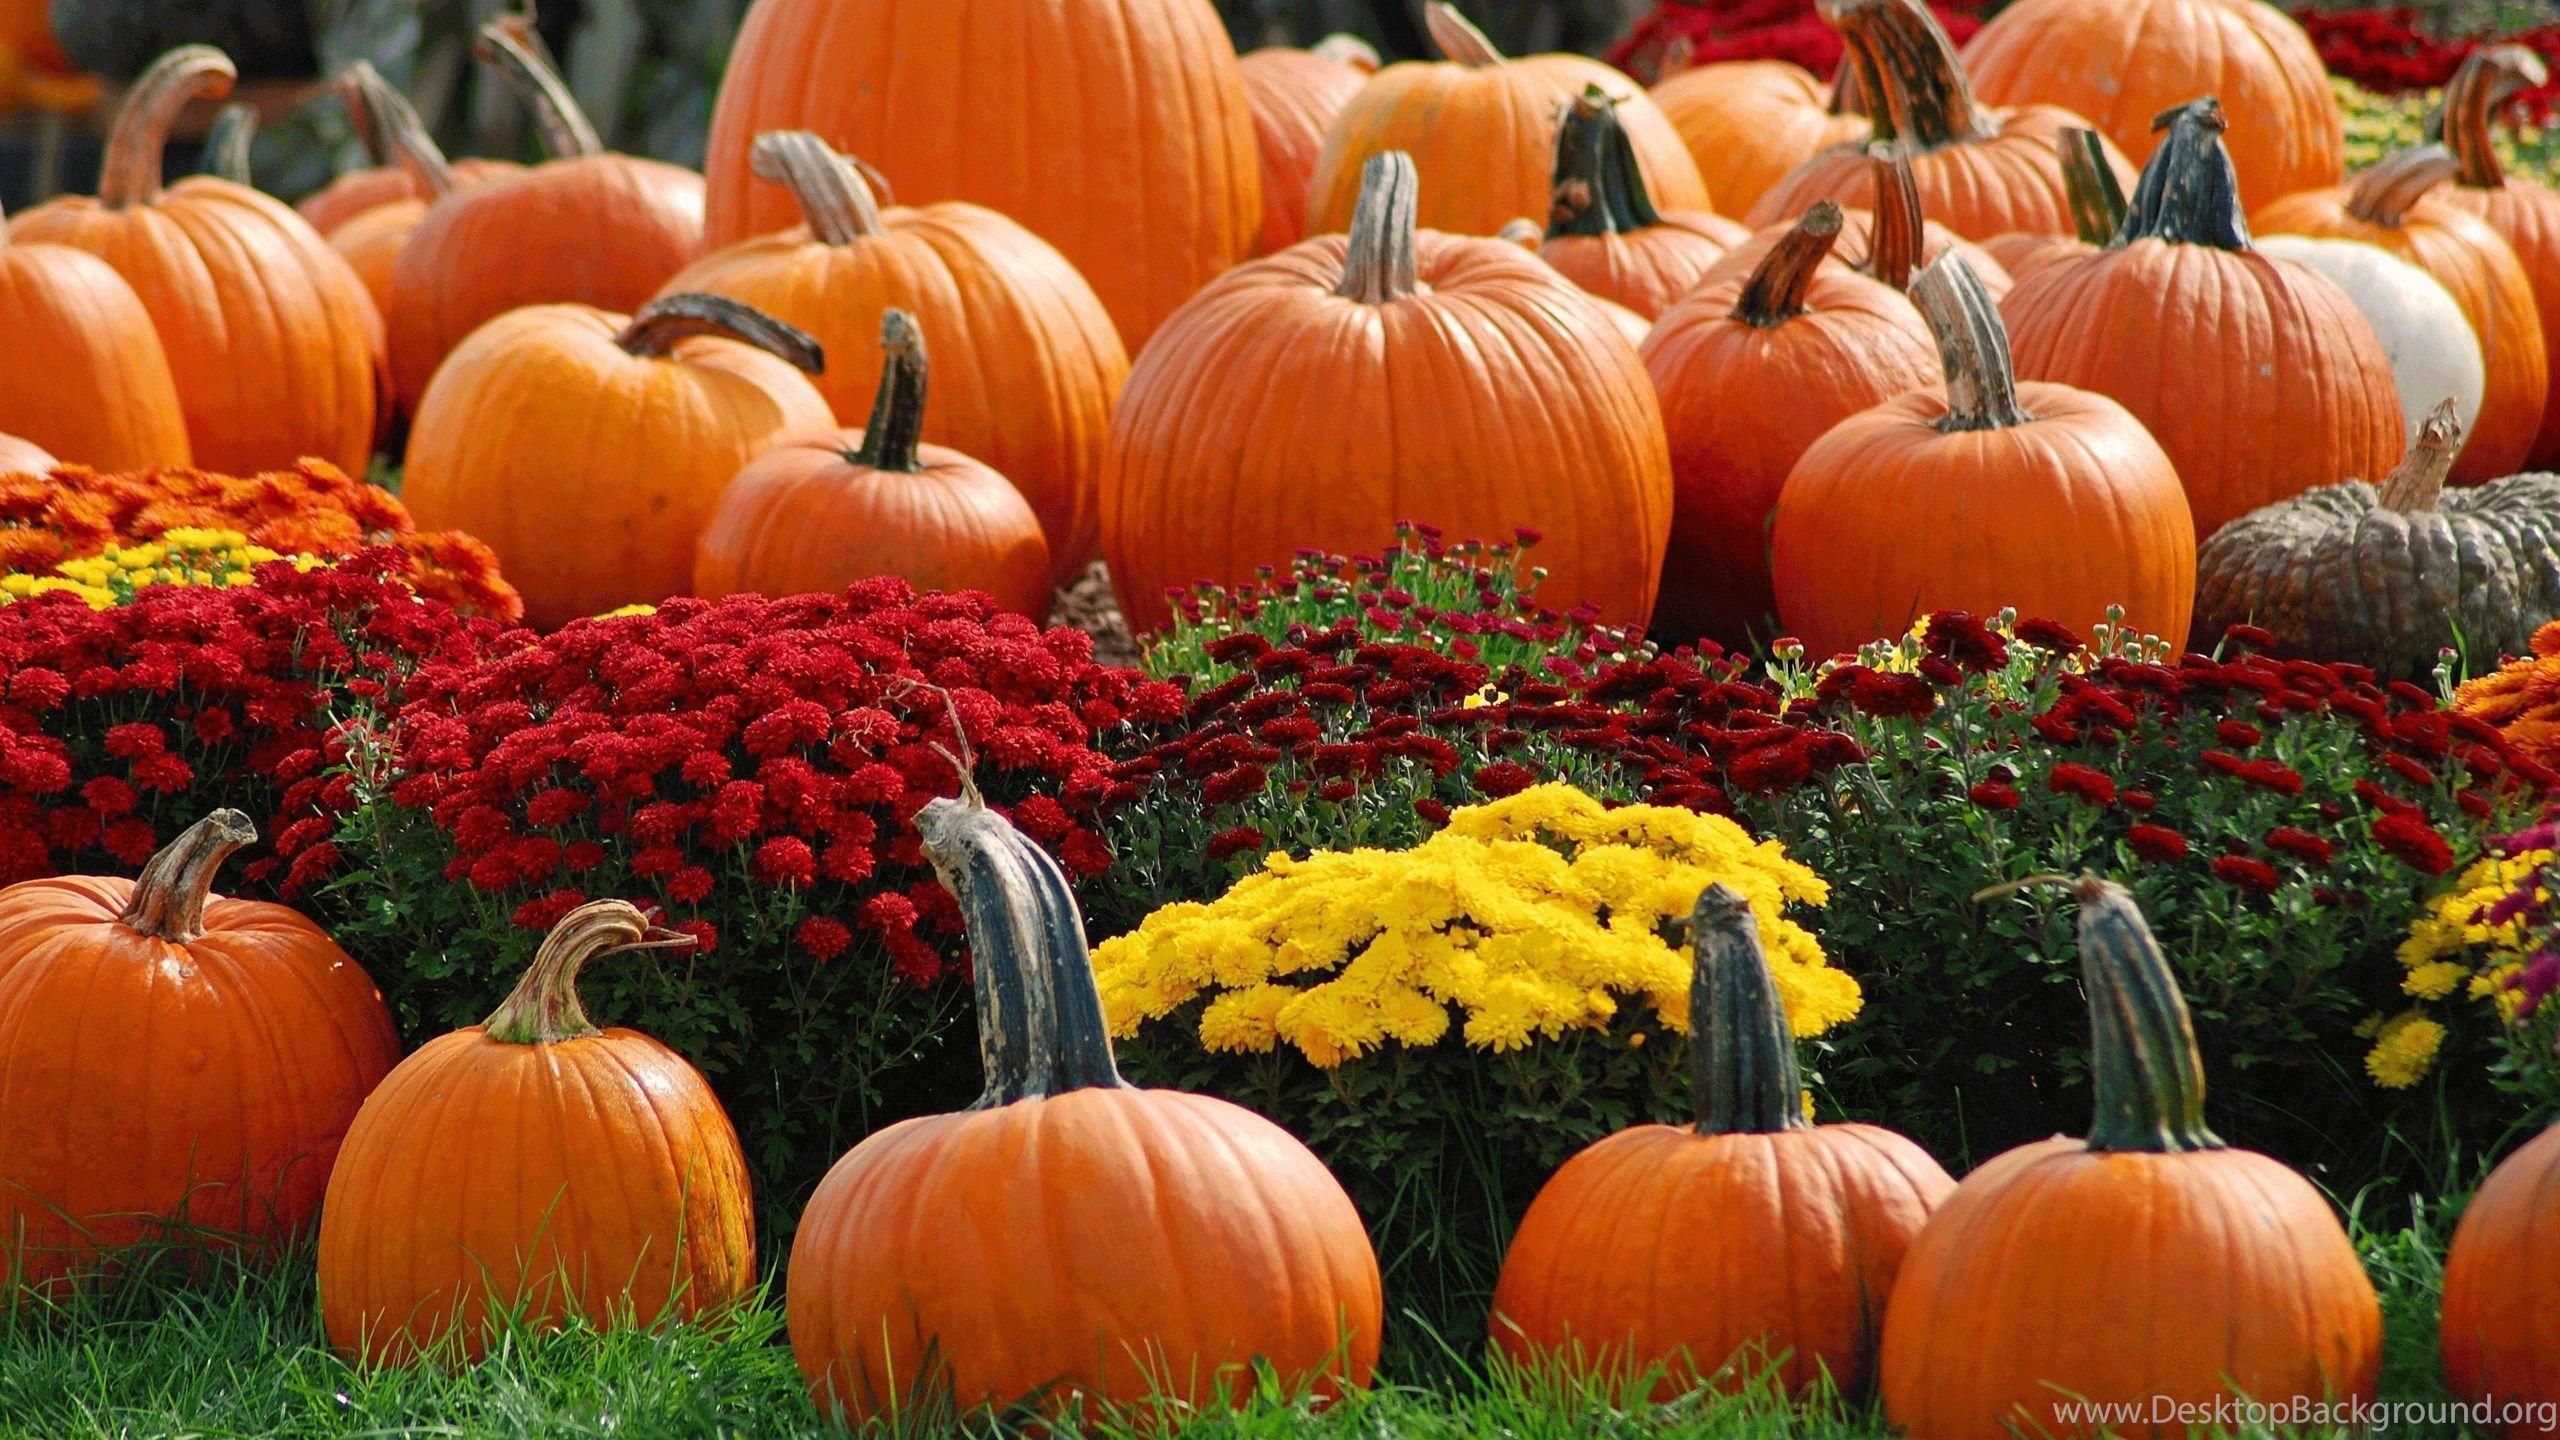 Halloween Pumpkin Wallpaper Iphone.Autumn Pumpkin Iphone Wallpapers Top Free Autumn Pumpkin Iphone